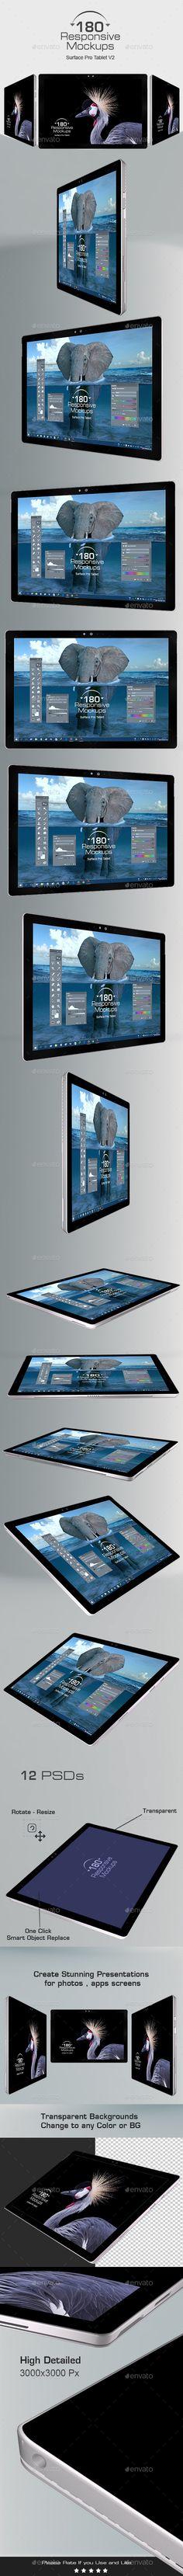 180 Responsive 3d Mockups - Surface Pro Tablet V2 - Monitors Displays